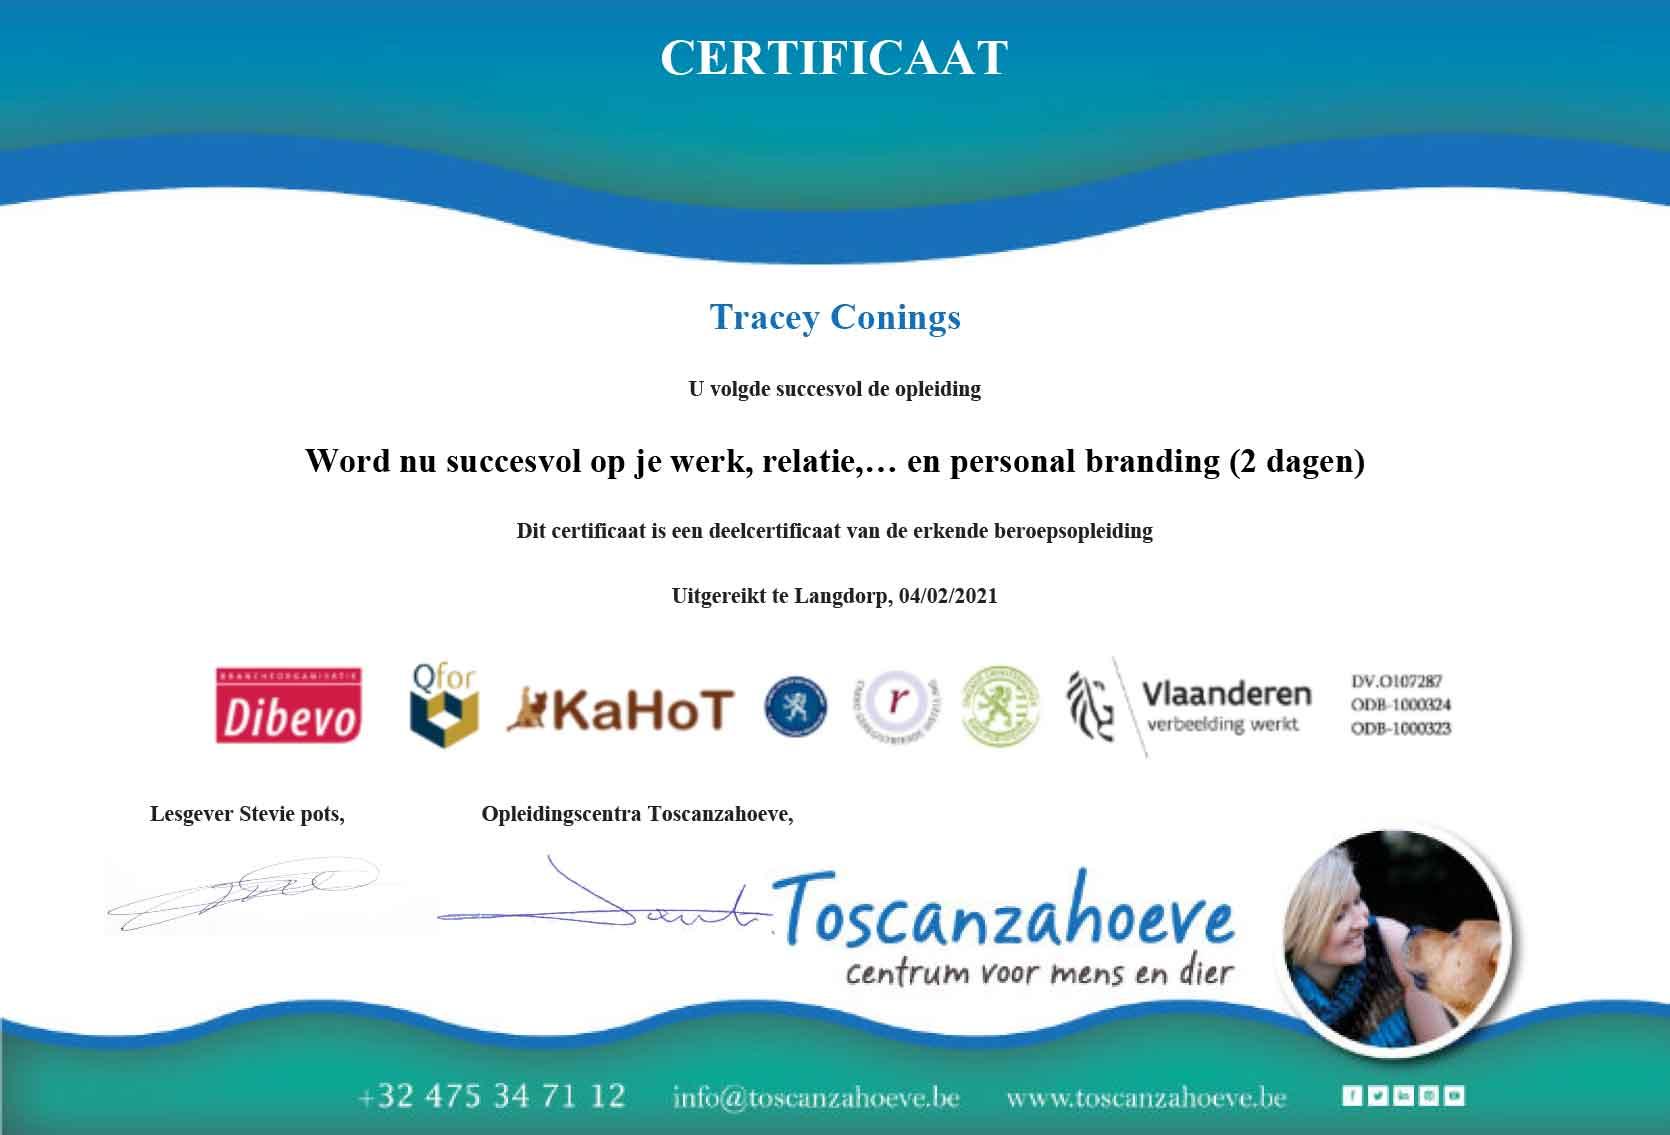 Certificaat Word nu succesvol op je werk, relatie en personal branding Tracey Conings